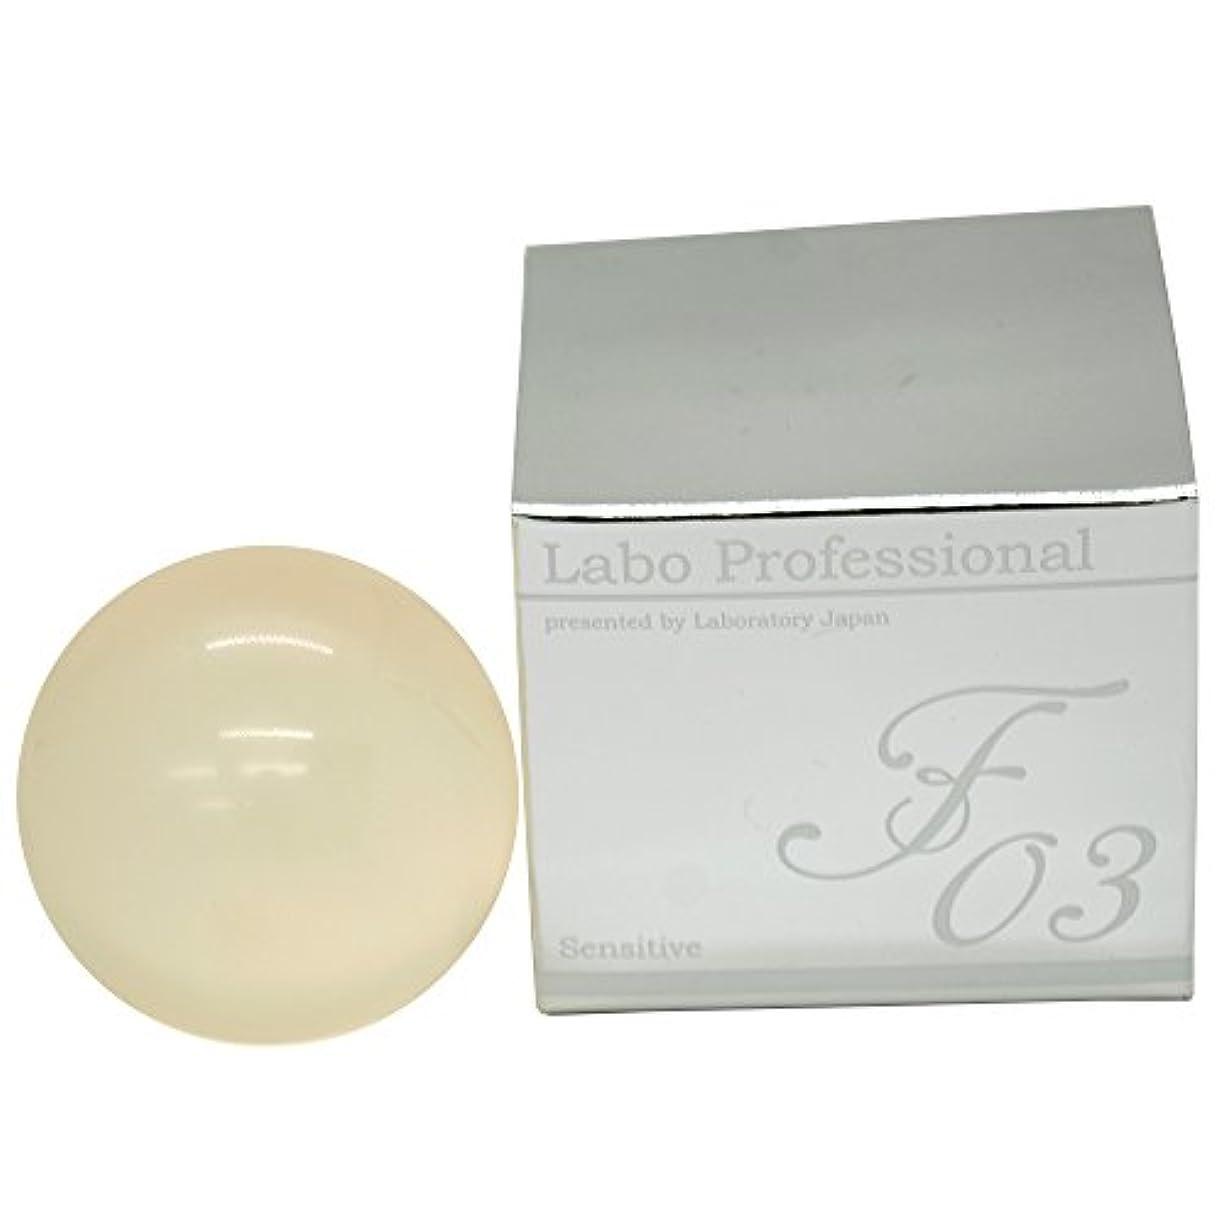 トチの実の木肉のランドリー日本製【真性フコイダン配合】赤ちゃんから使える 敏感肌向け美容石鹸|Labo Professional F03